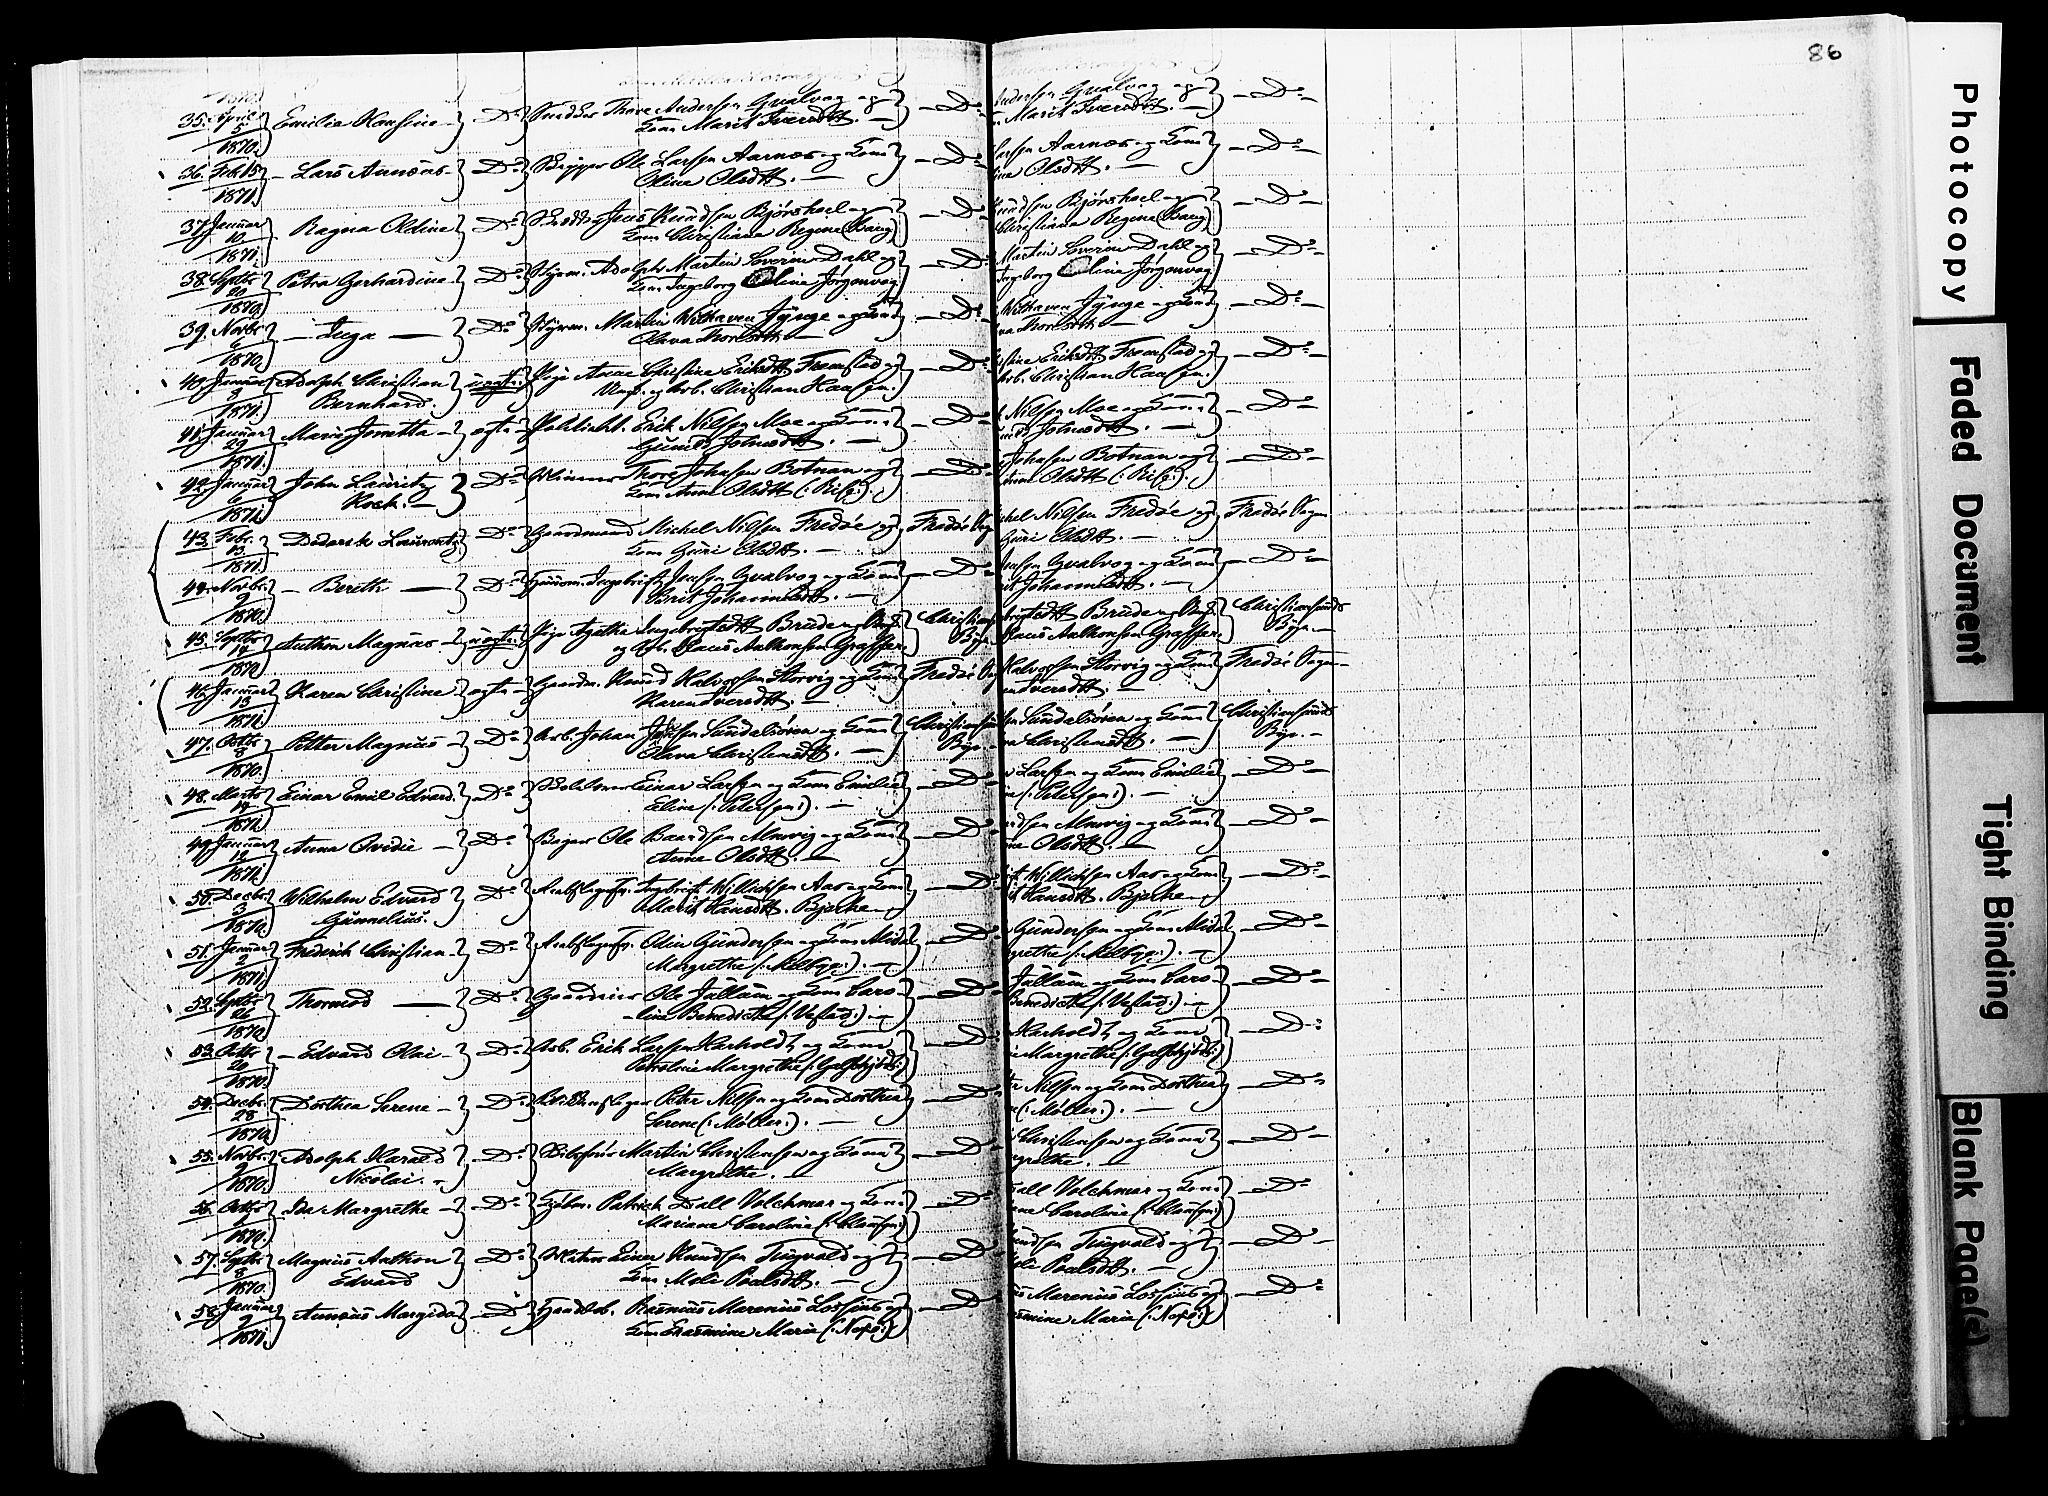 SAT, Ministerialprotokoller, klokkerbøker og fødselsregistre - Møre og Romsdal, 572/L0857: Ministerialbok nr. 572D01, 1866-1872, s. 85-86